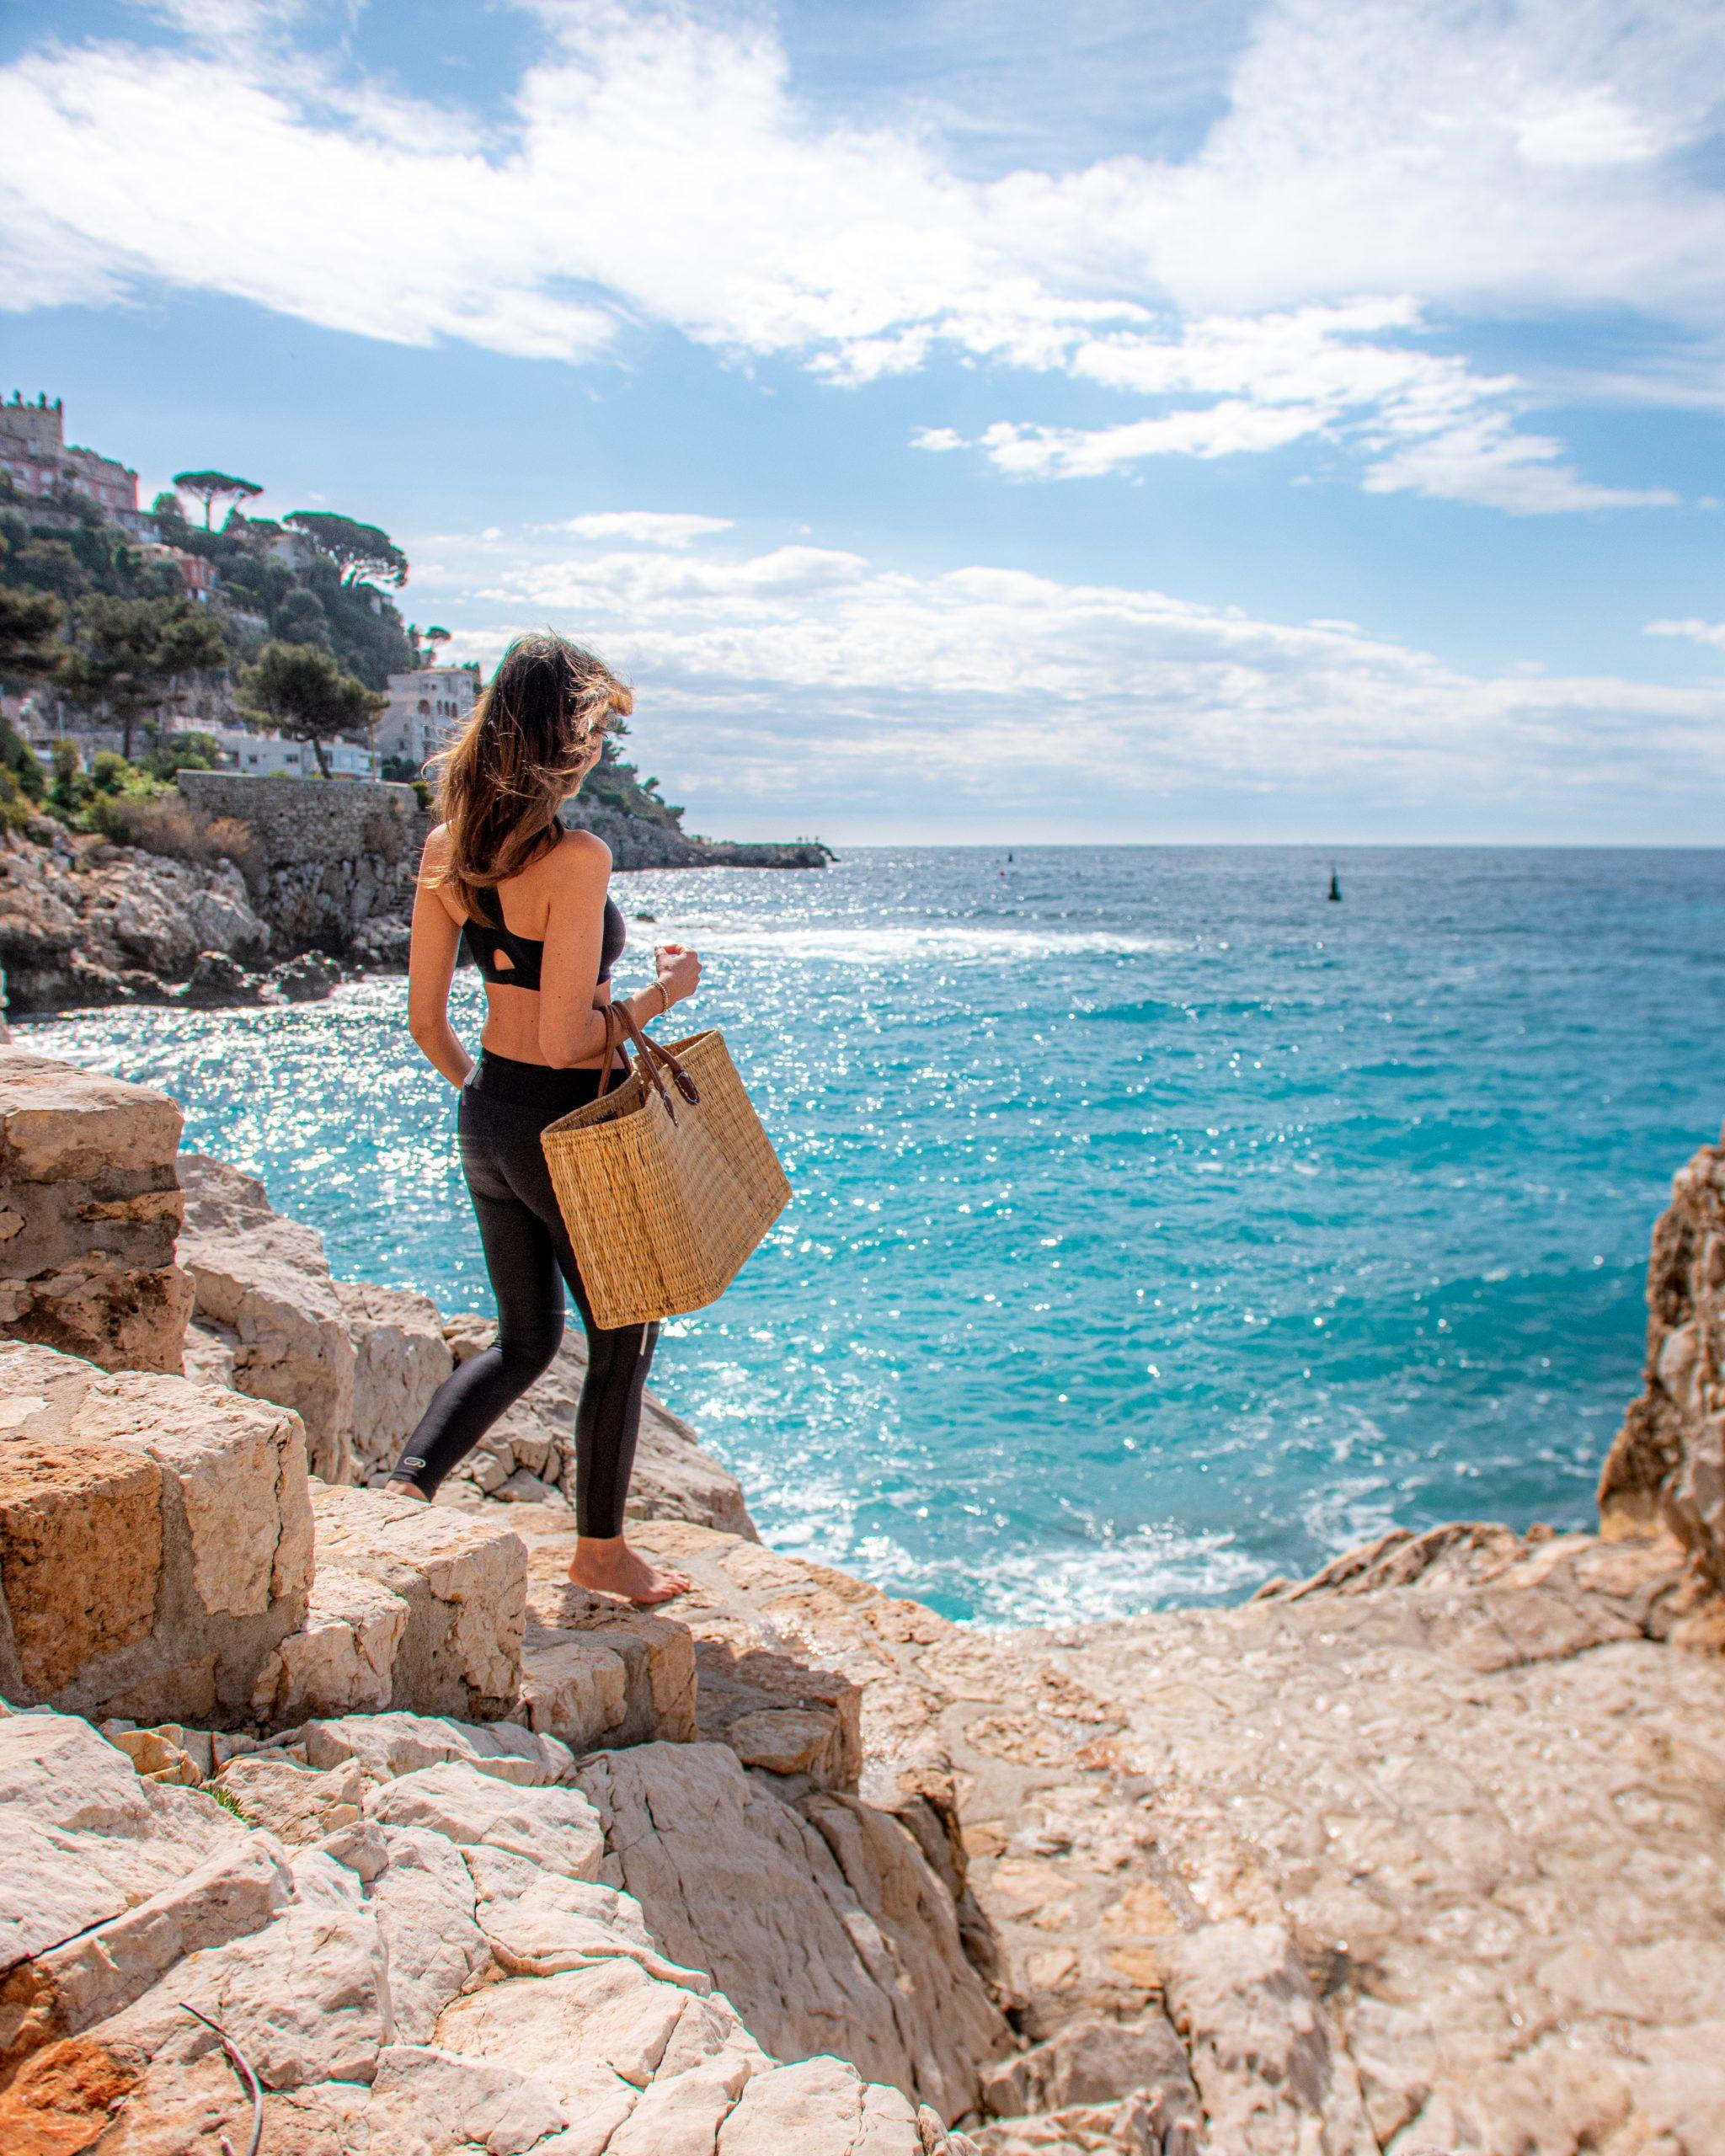 Fany professeure de méditation & coach en développement personnel à Nice